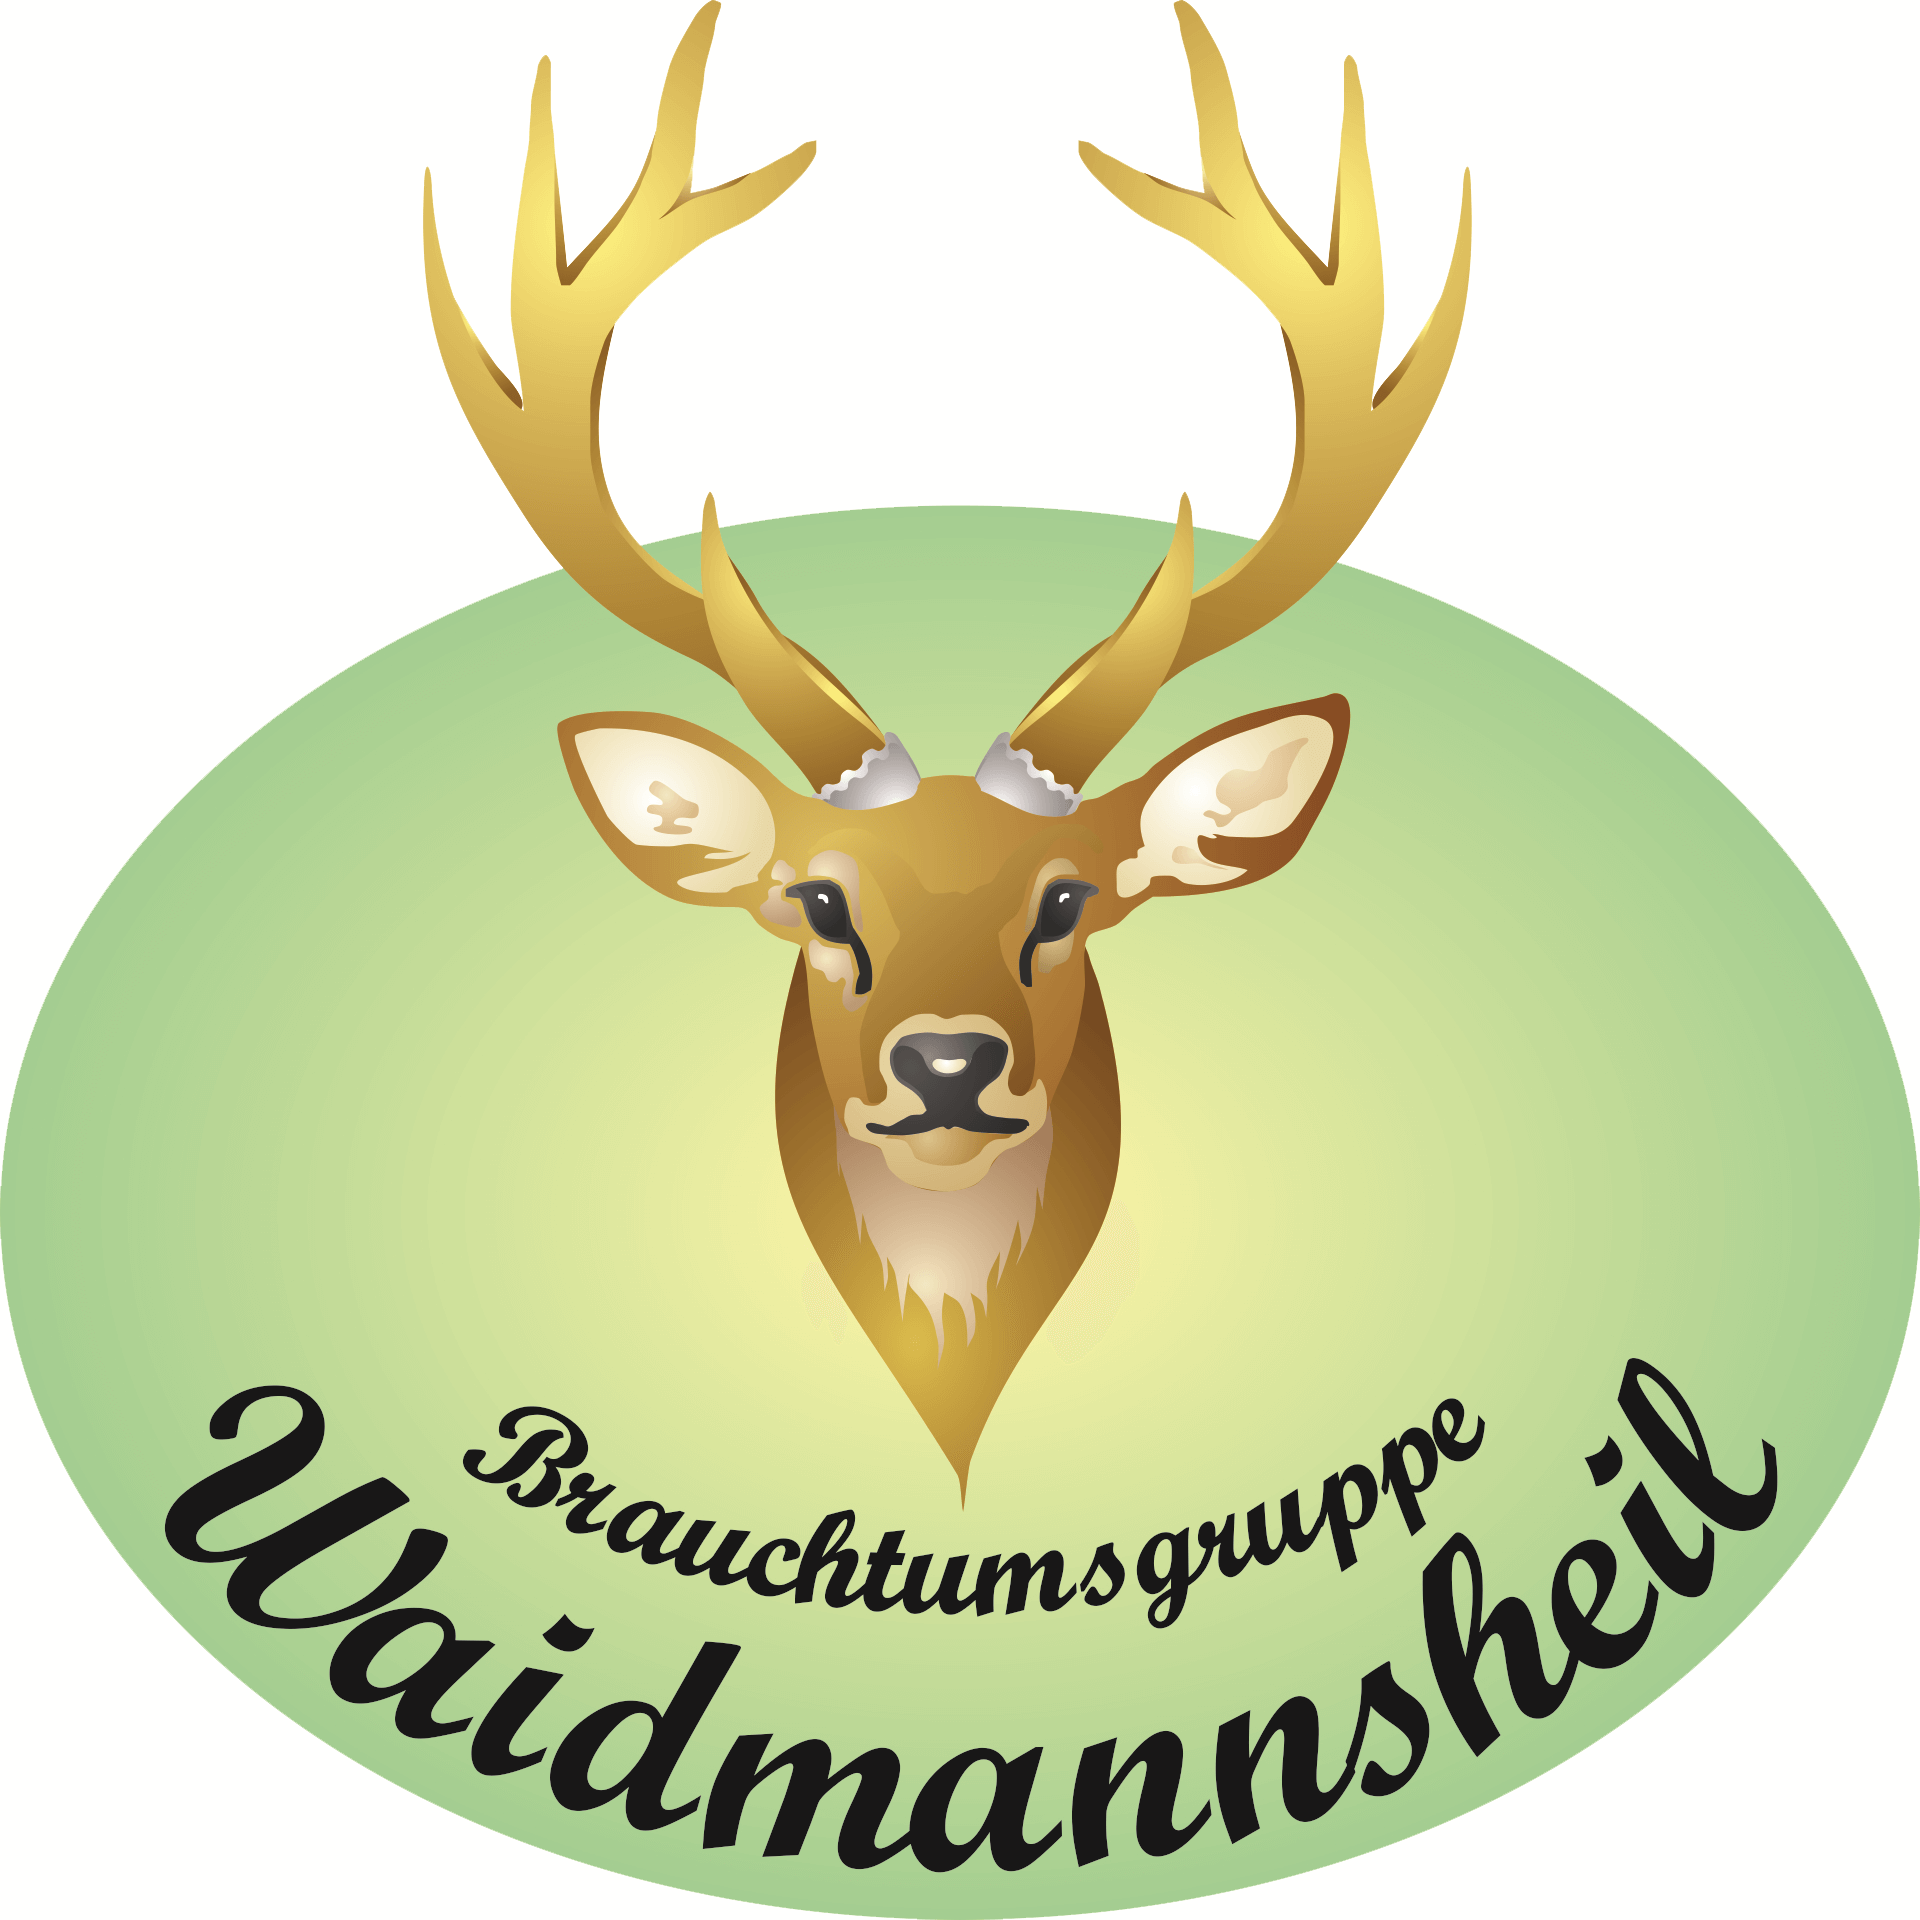 Brauchtumsgruppe Waidmannsheil